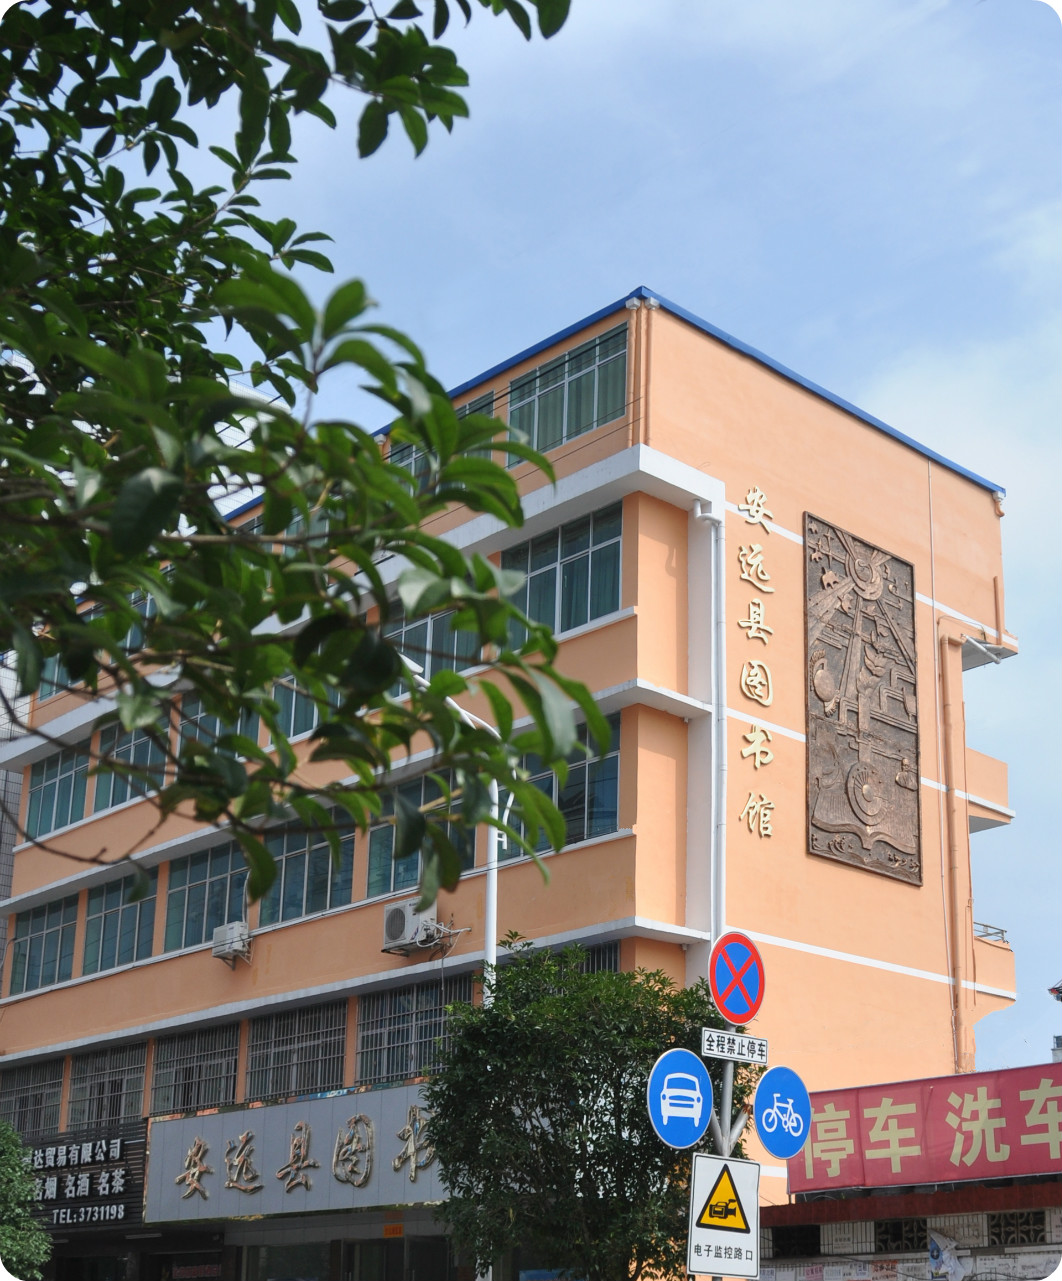 安远县图书馆外观